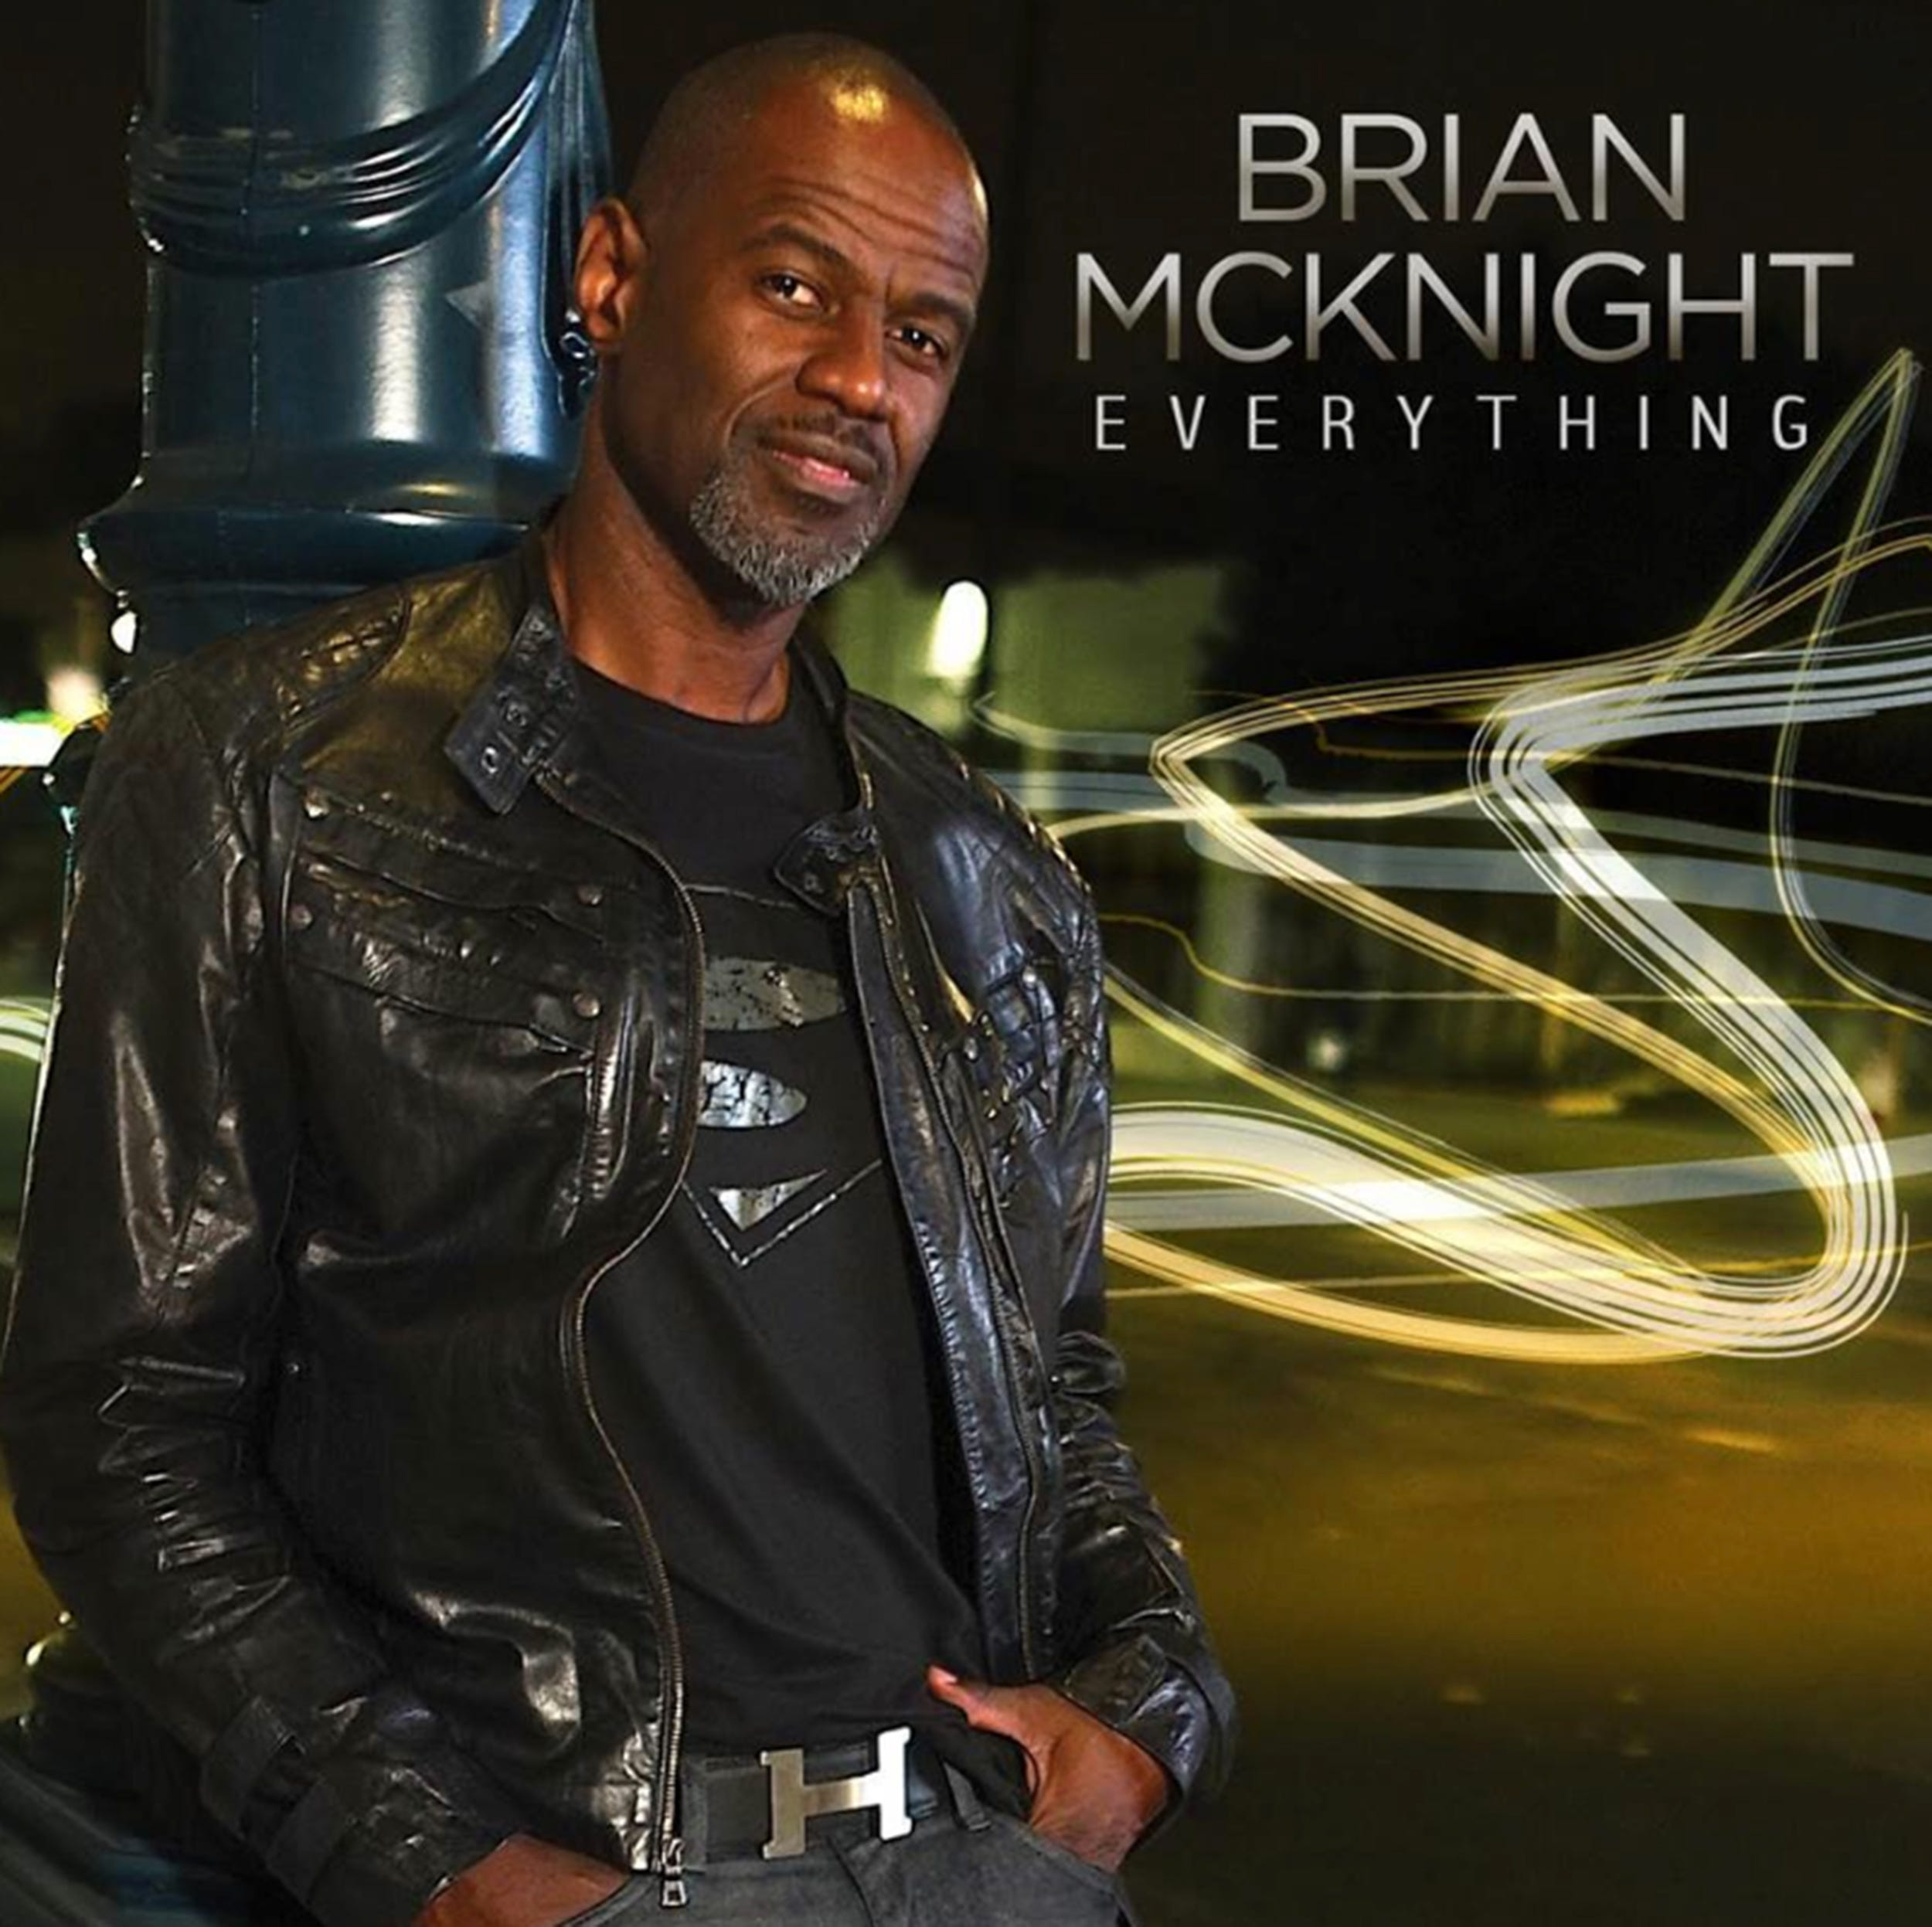 brian mcknight just me album download